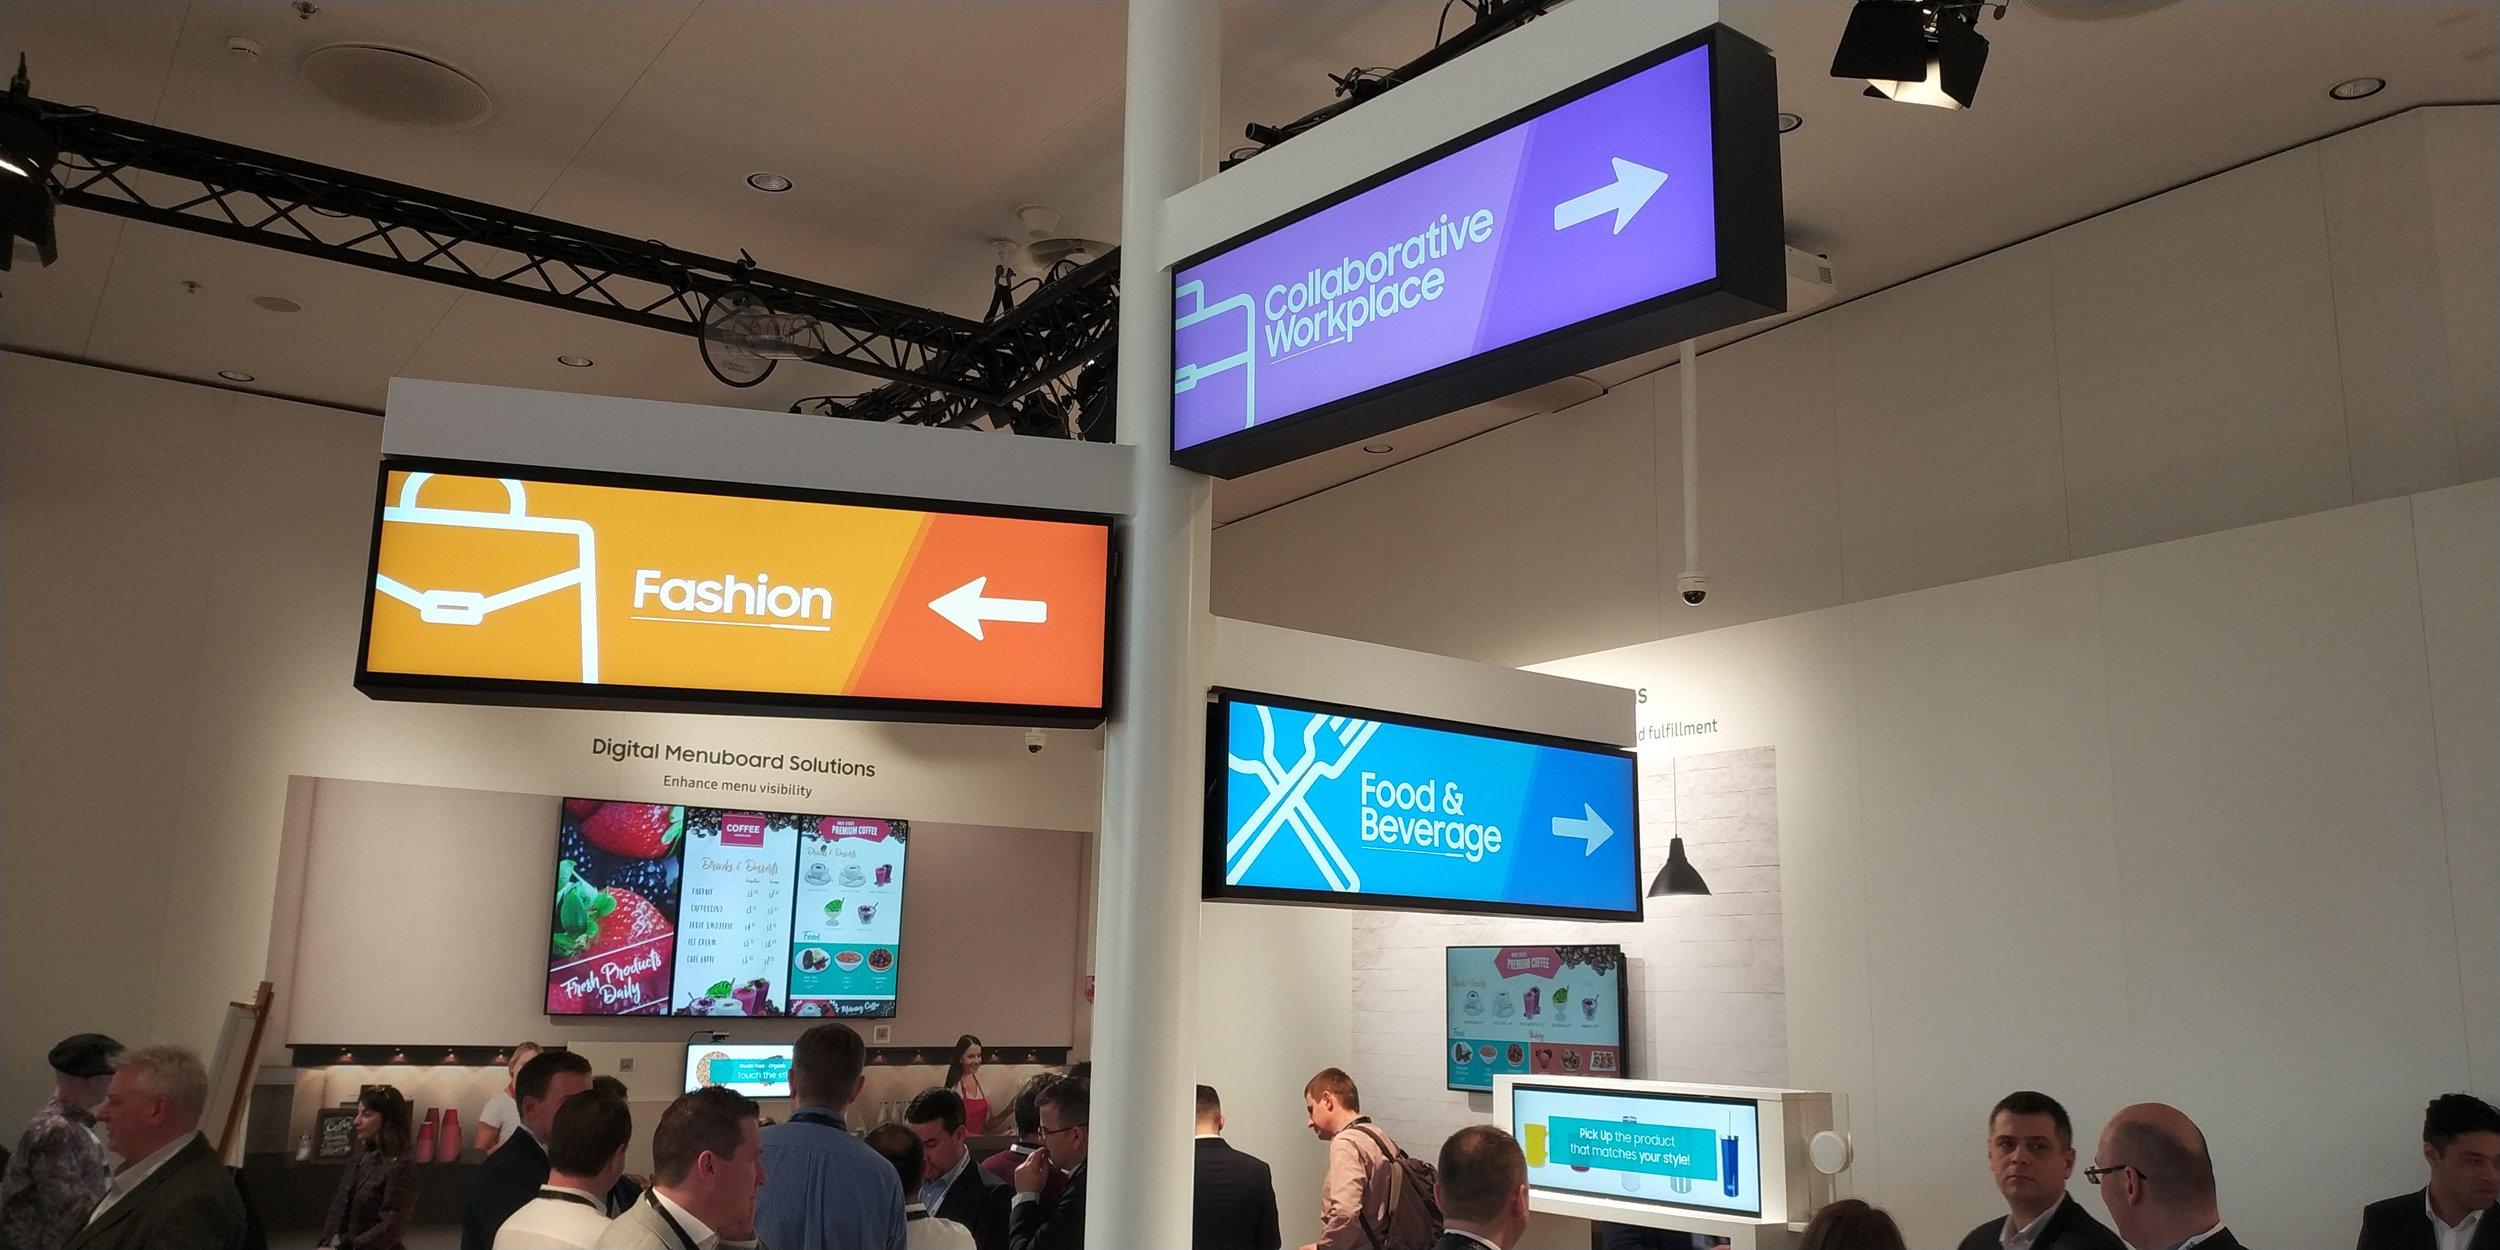 Samsung Digital LED Signage